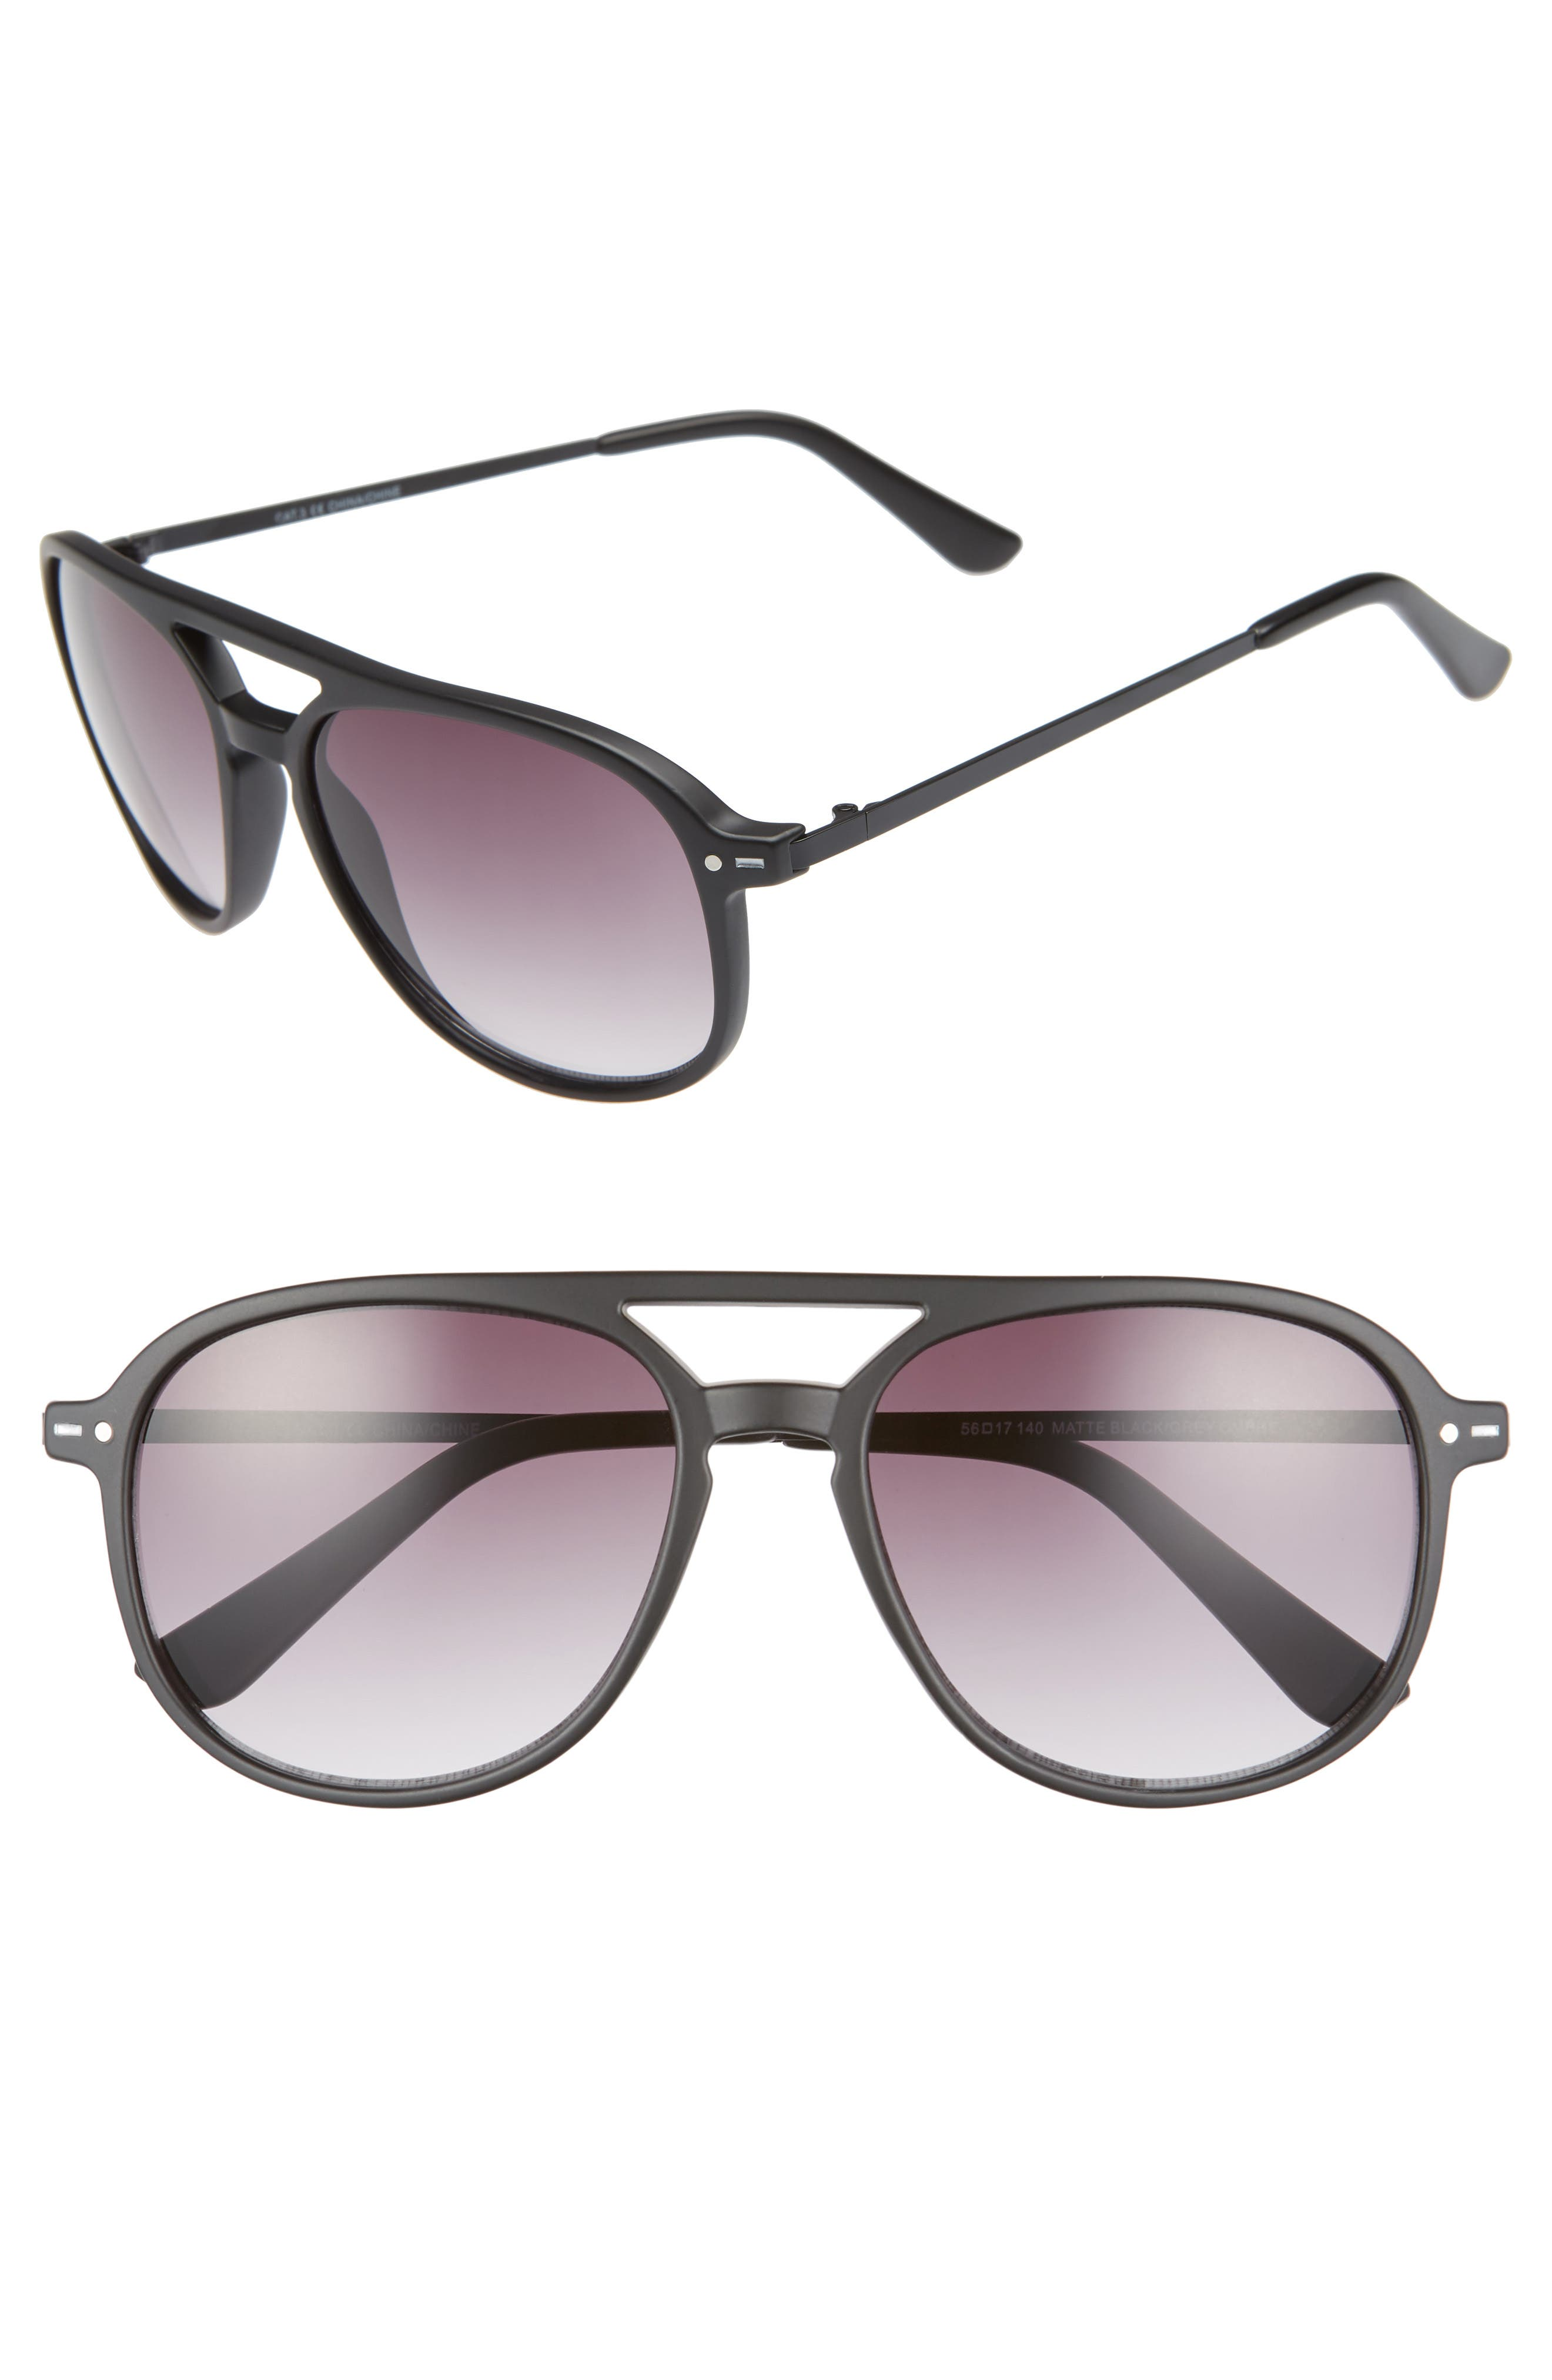 Preston 56mm Aviator Sunglasses,                             Main thumbnail 1, color,                             MATTE BLACK/ GREY OMBRE